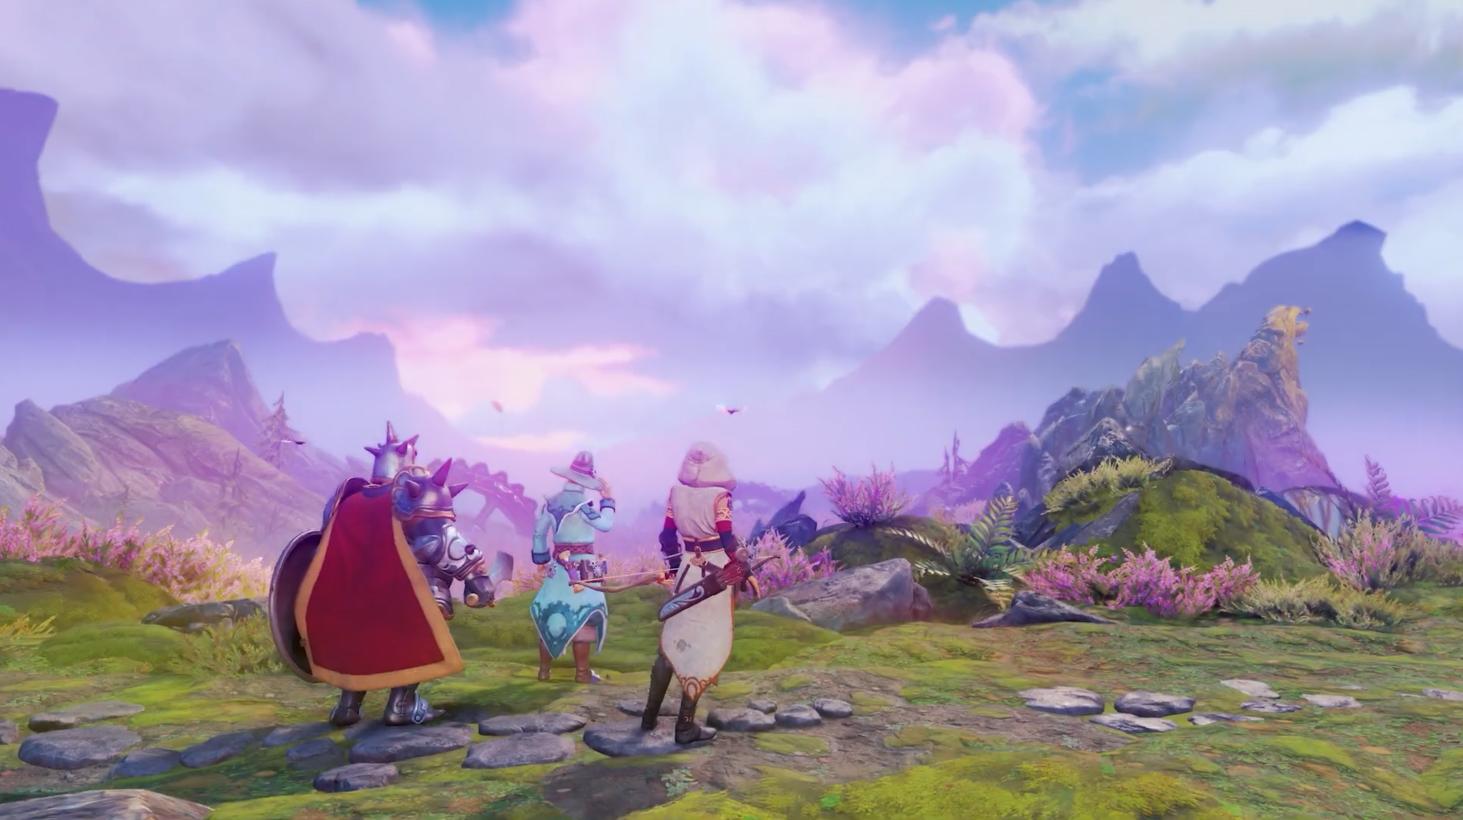 三英雄配合無間 《三位一體4》公布新宣傳片10月8日發售